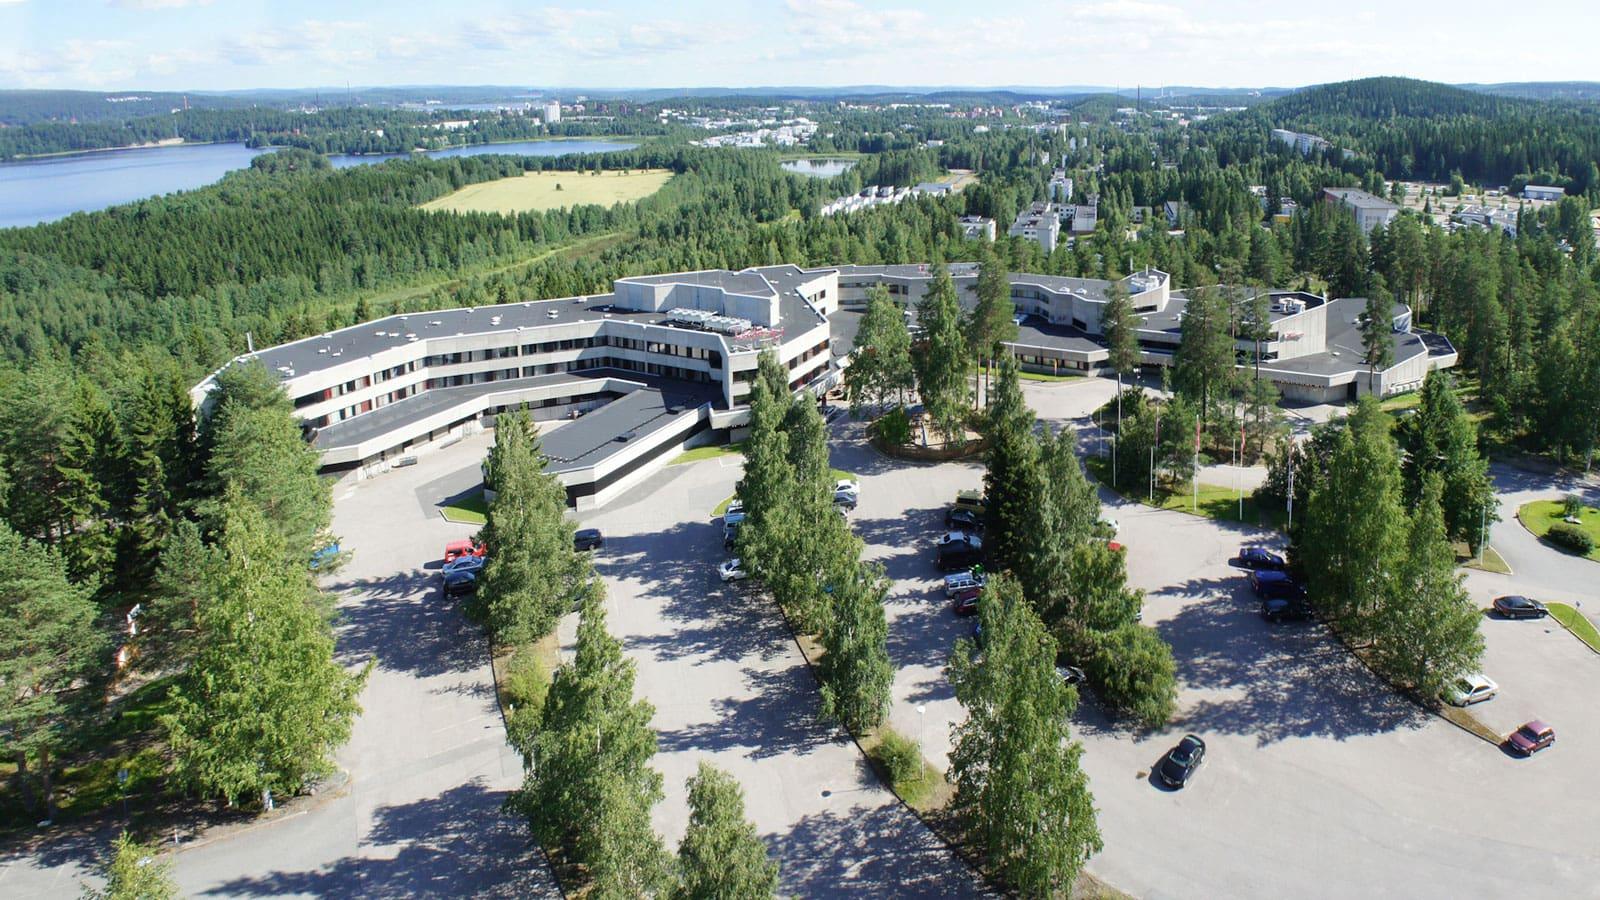 Scandic Laajavuoren rakennus ilmasta kuvattuna.